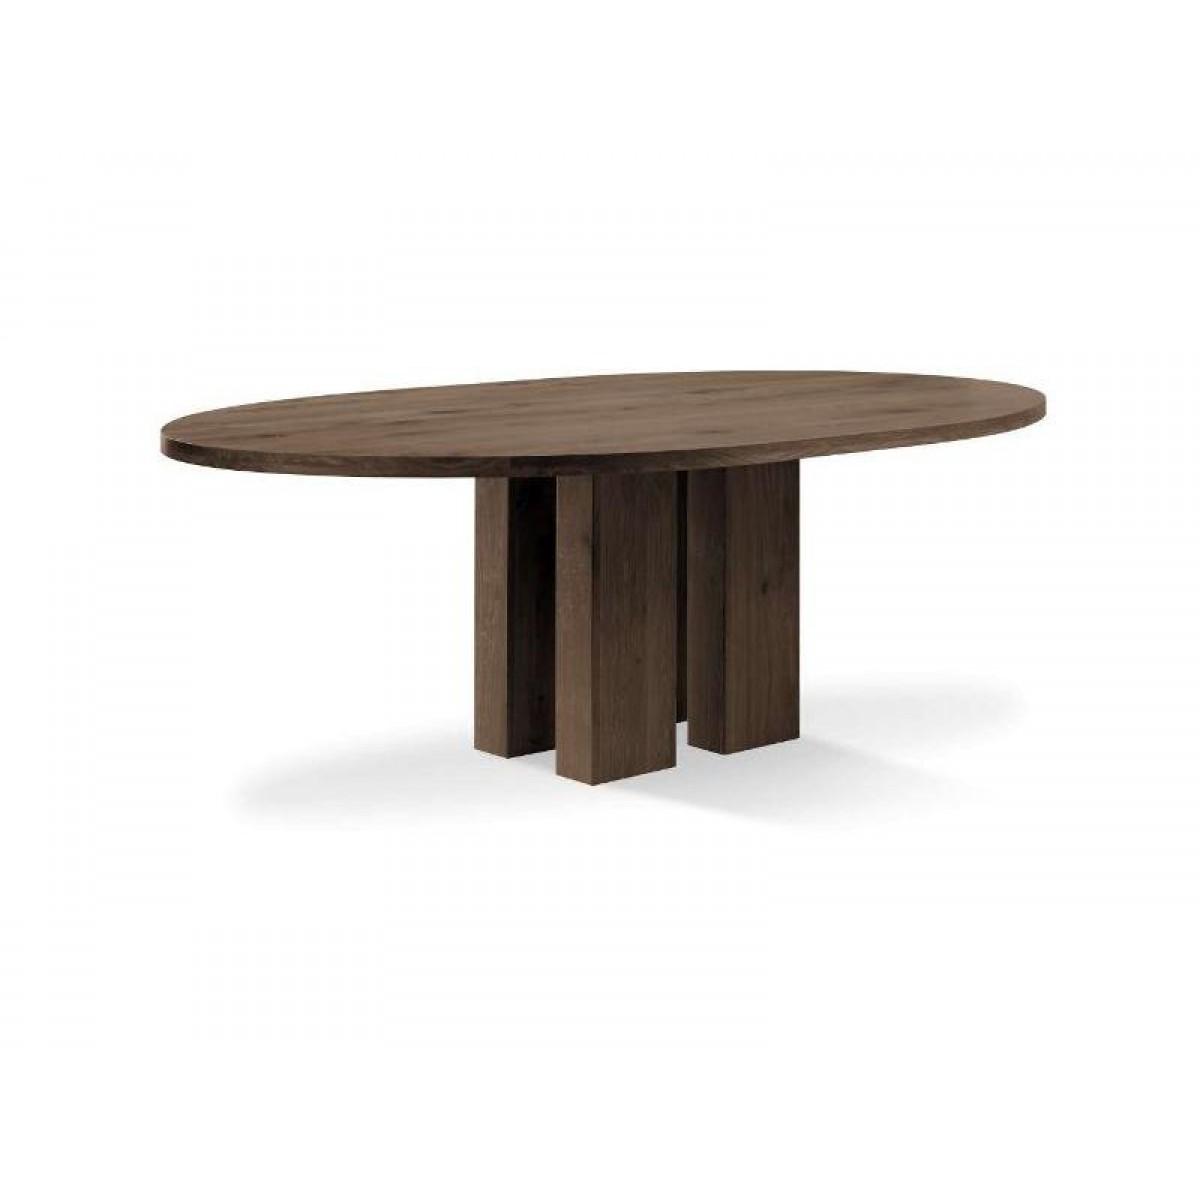 Ovaal eettafel eiken i live design for Design tafel ovaal